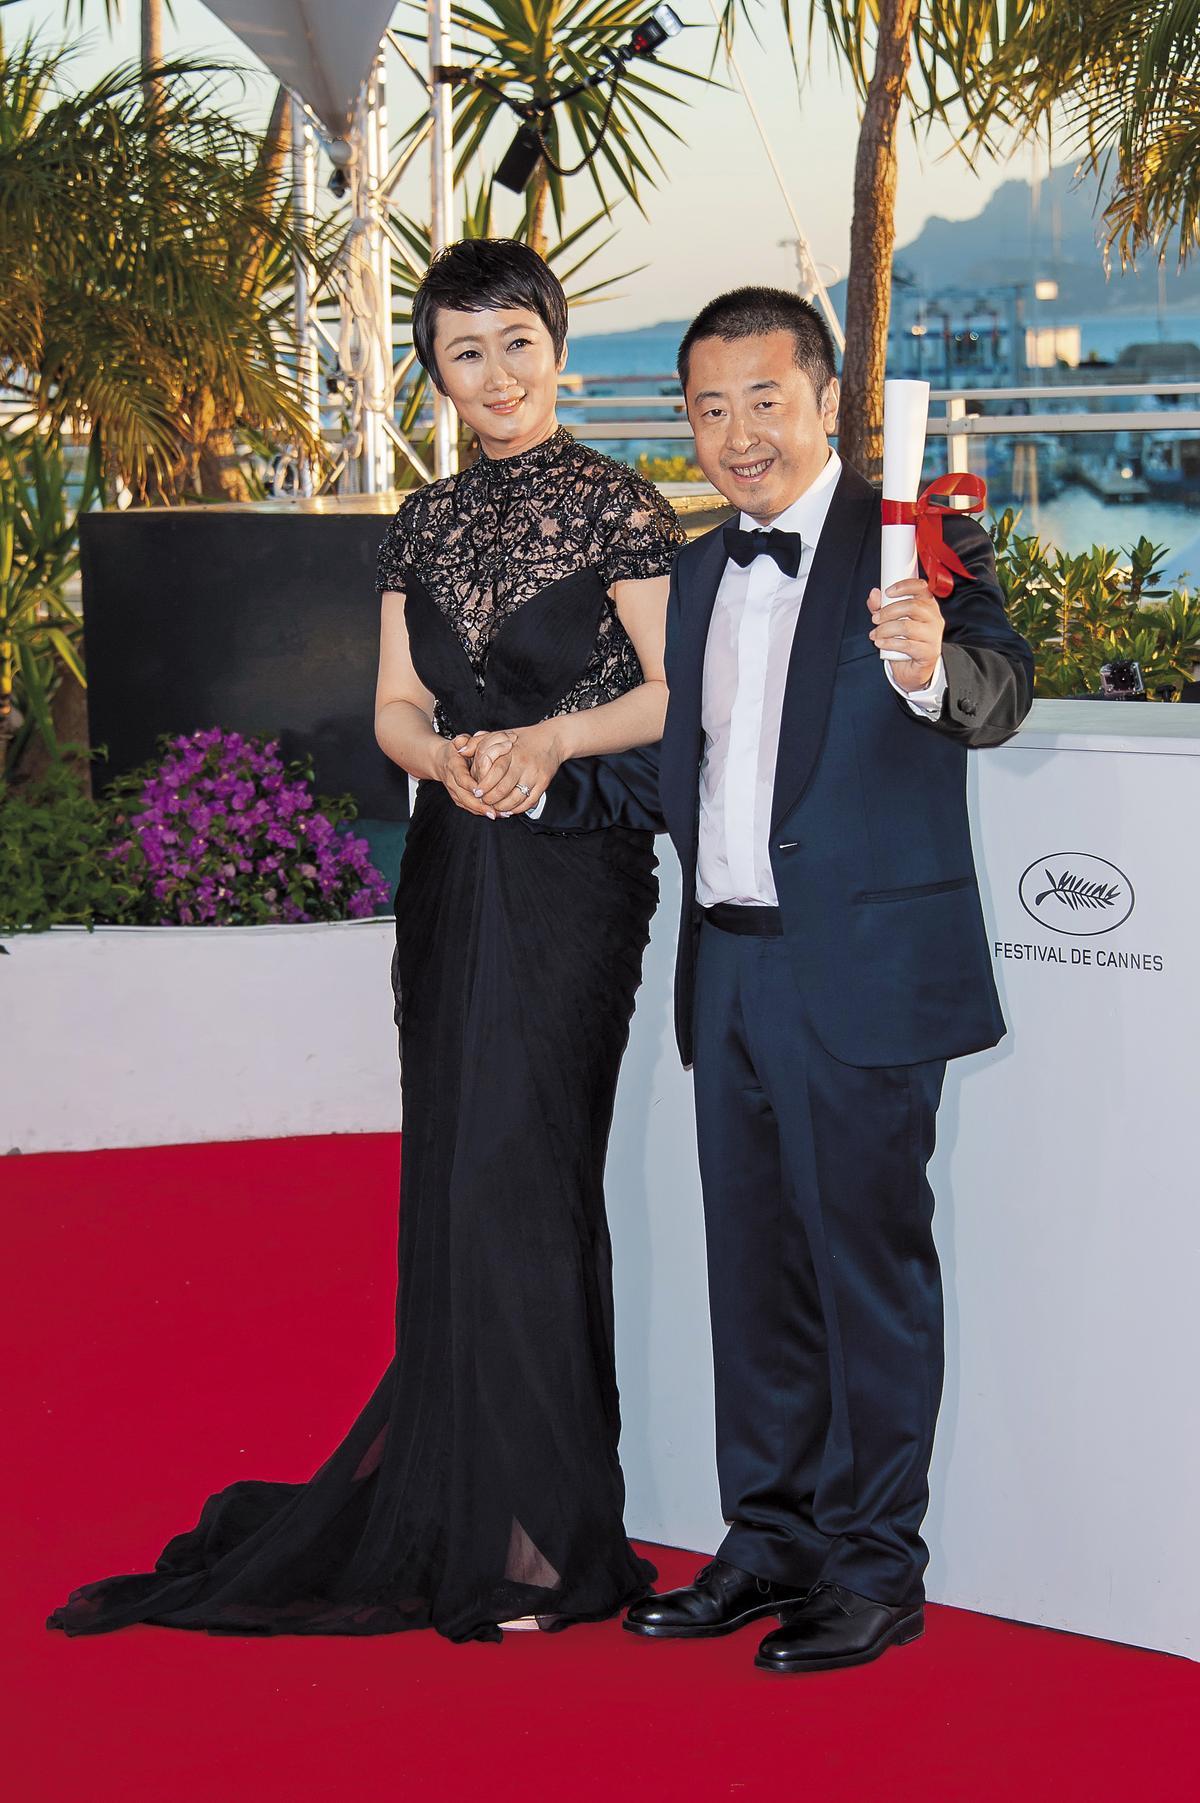 中國導演賈樟柯(右)擔任CISAC副主席期間,積極推動「二次獲酬權」,讓編劇、導演未來能透過集管單位獲得版權收入。(東方IC)